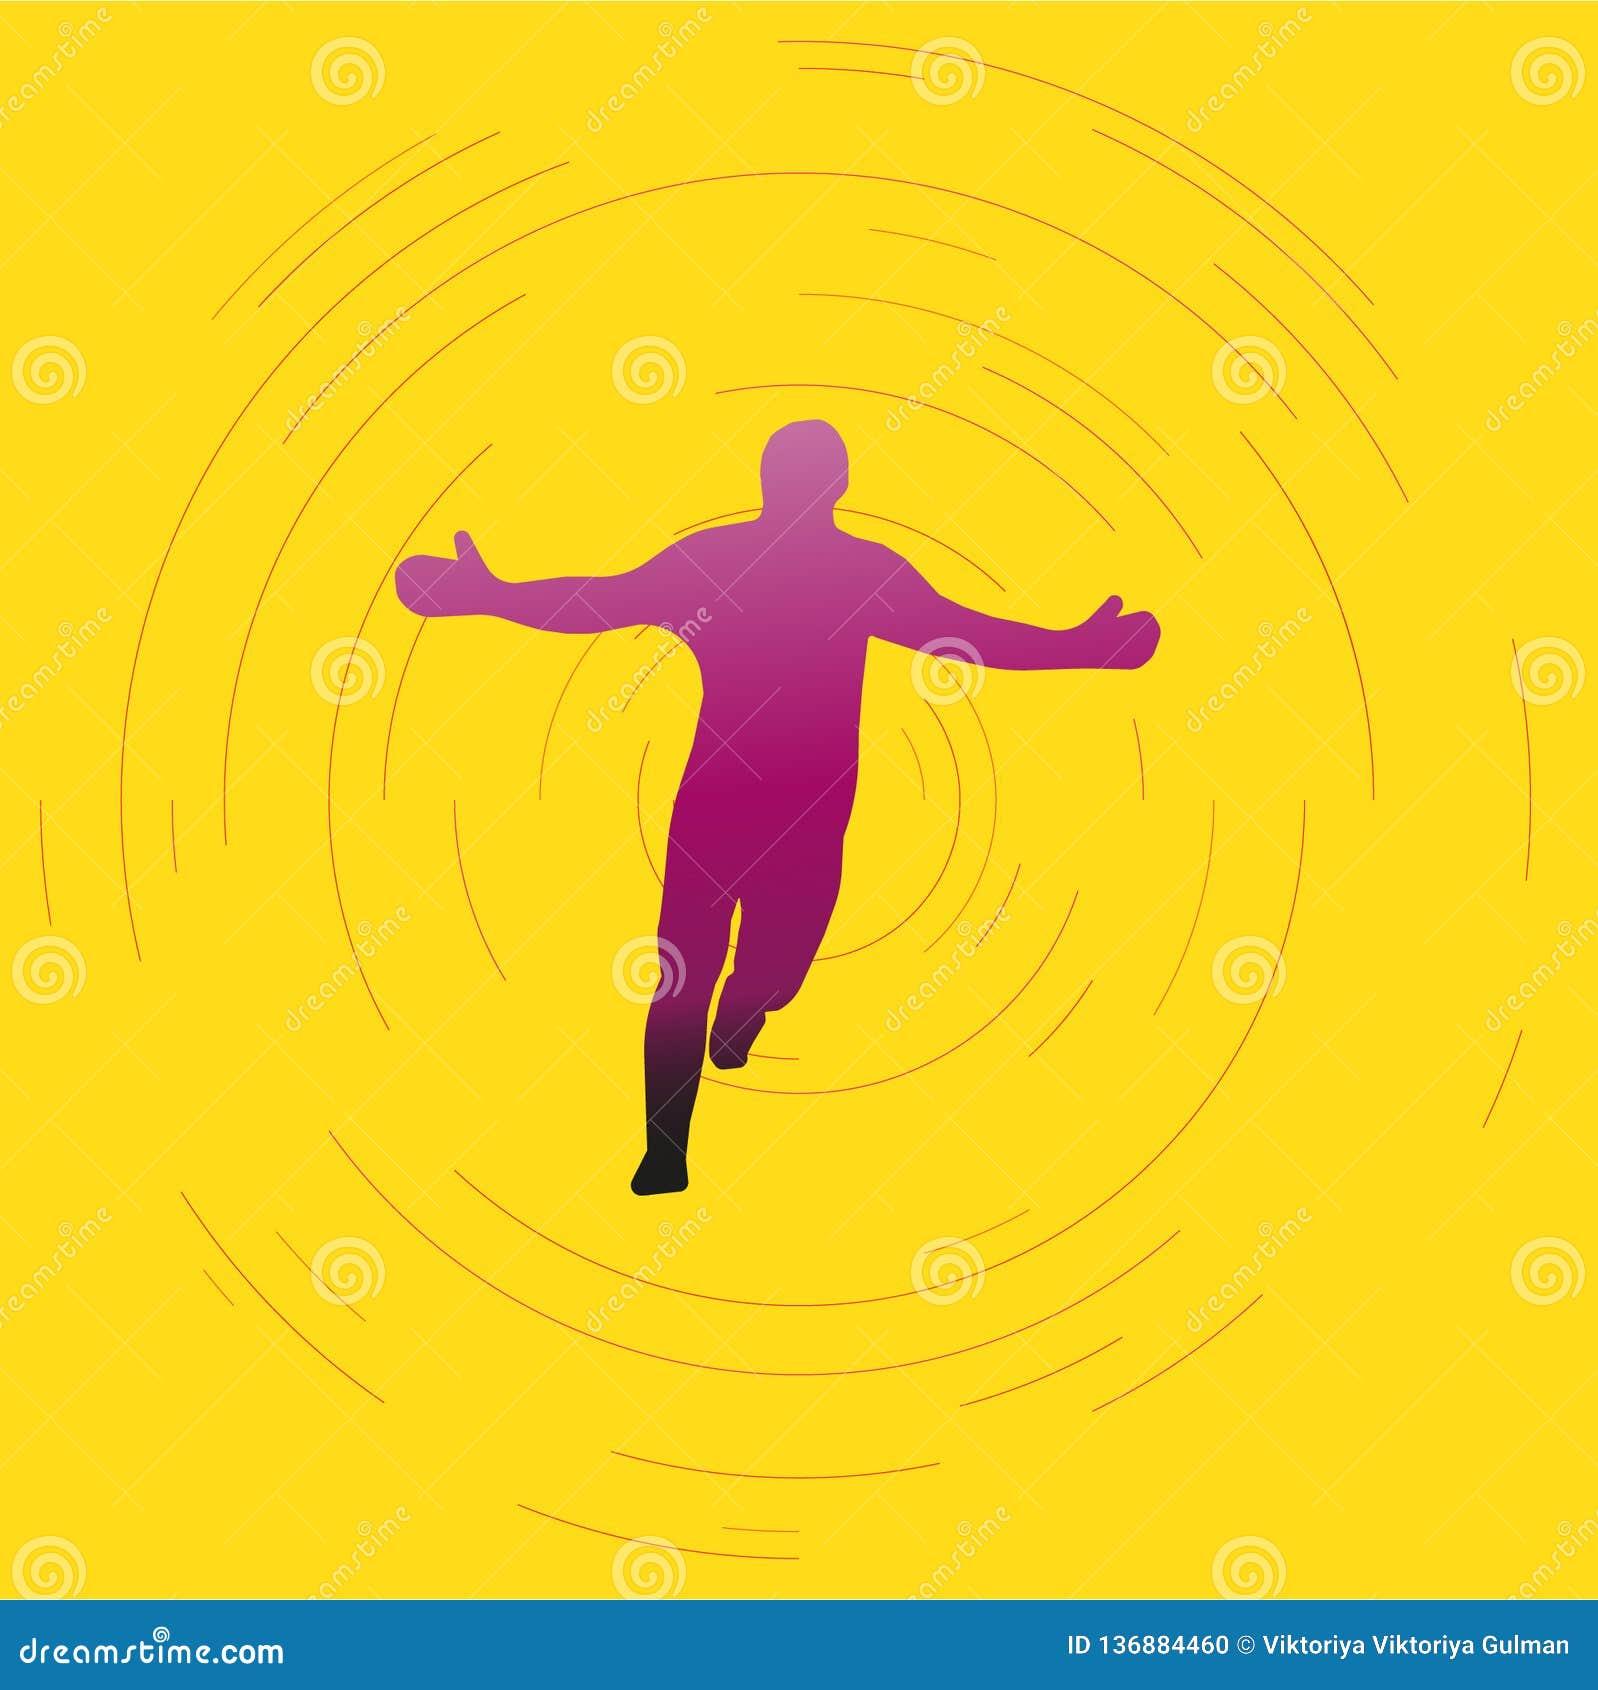 Πορφυρή ιώδης σκιαγραφία του τρέχοντας ατόμου στο φωτεινό υπόβαθρο ευτυχές πρόσωπο νικητών